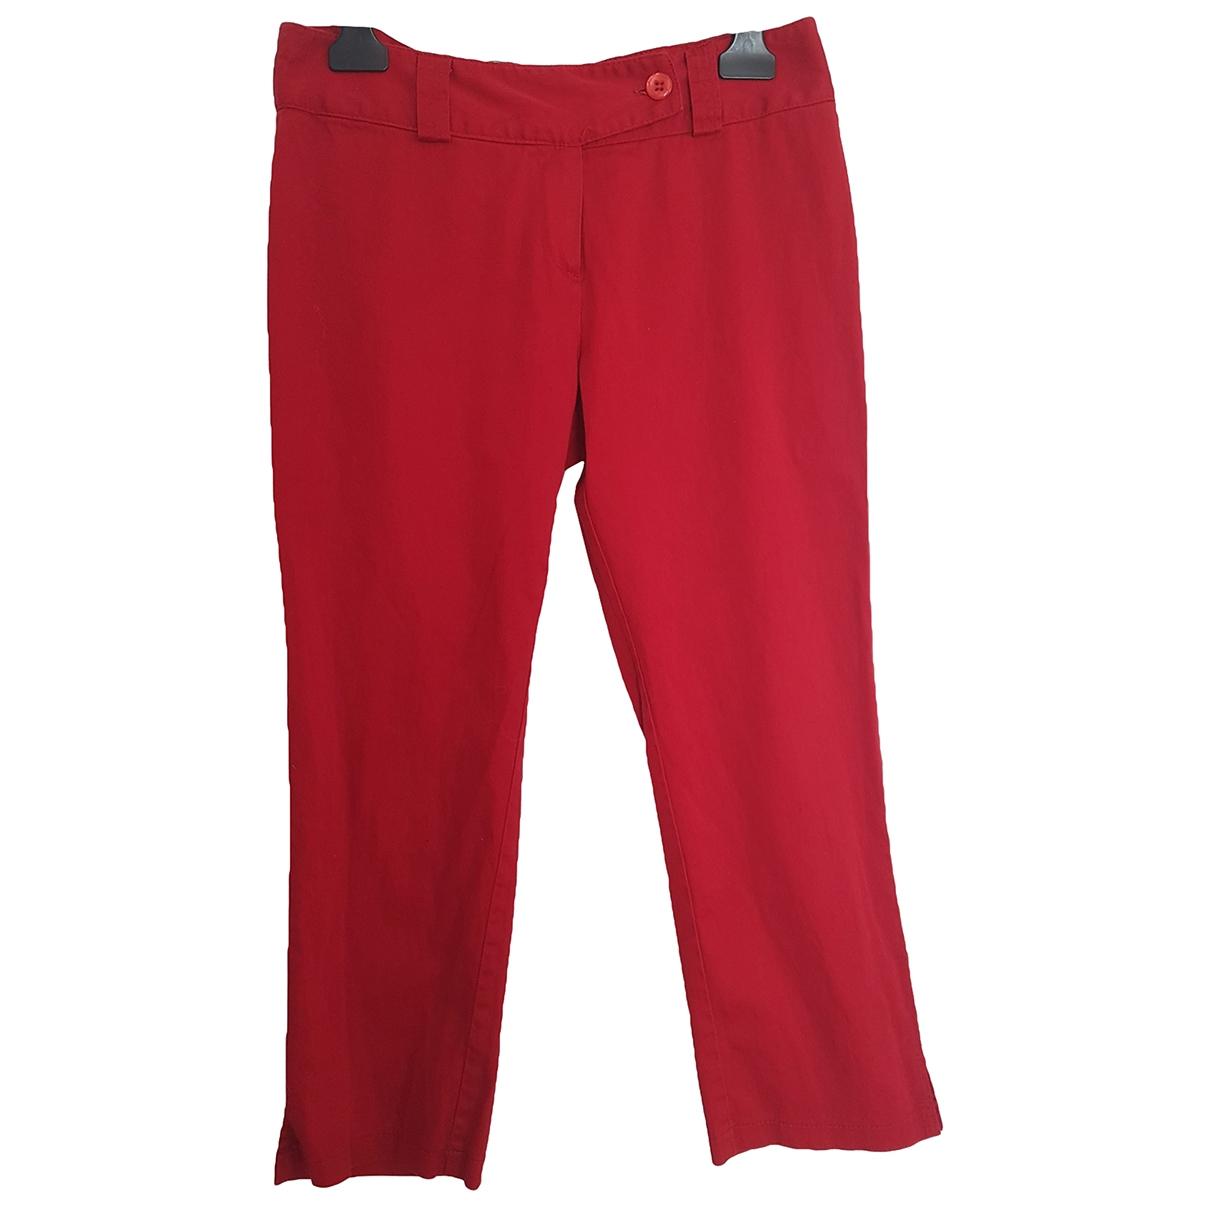 Pantalon corto Non Signe / Unsigned